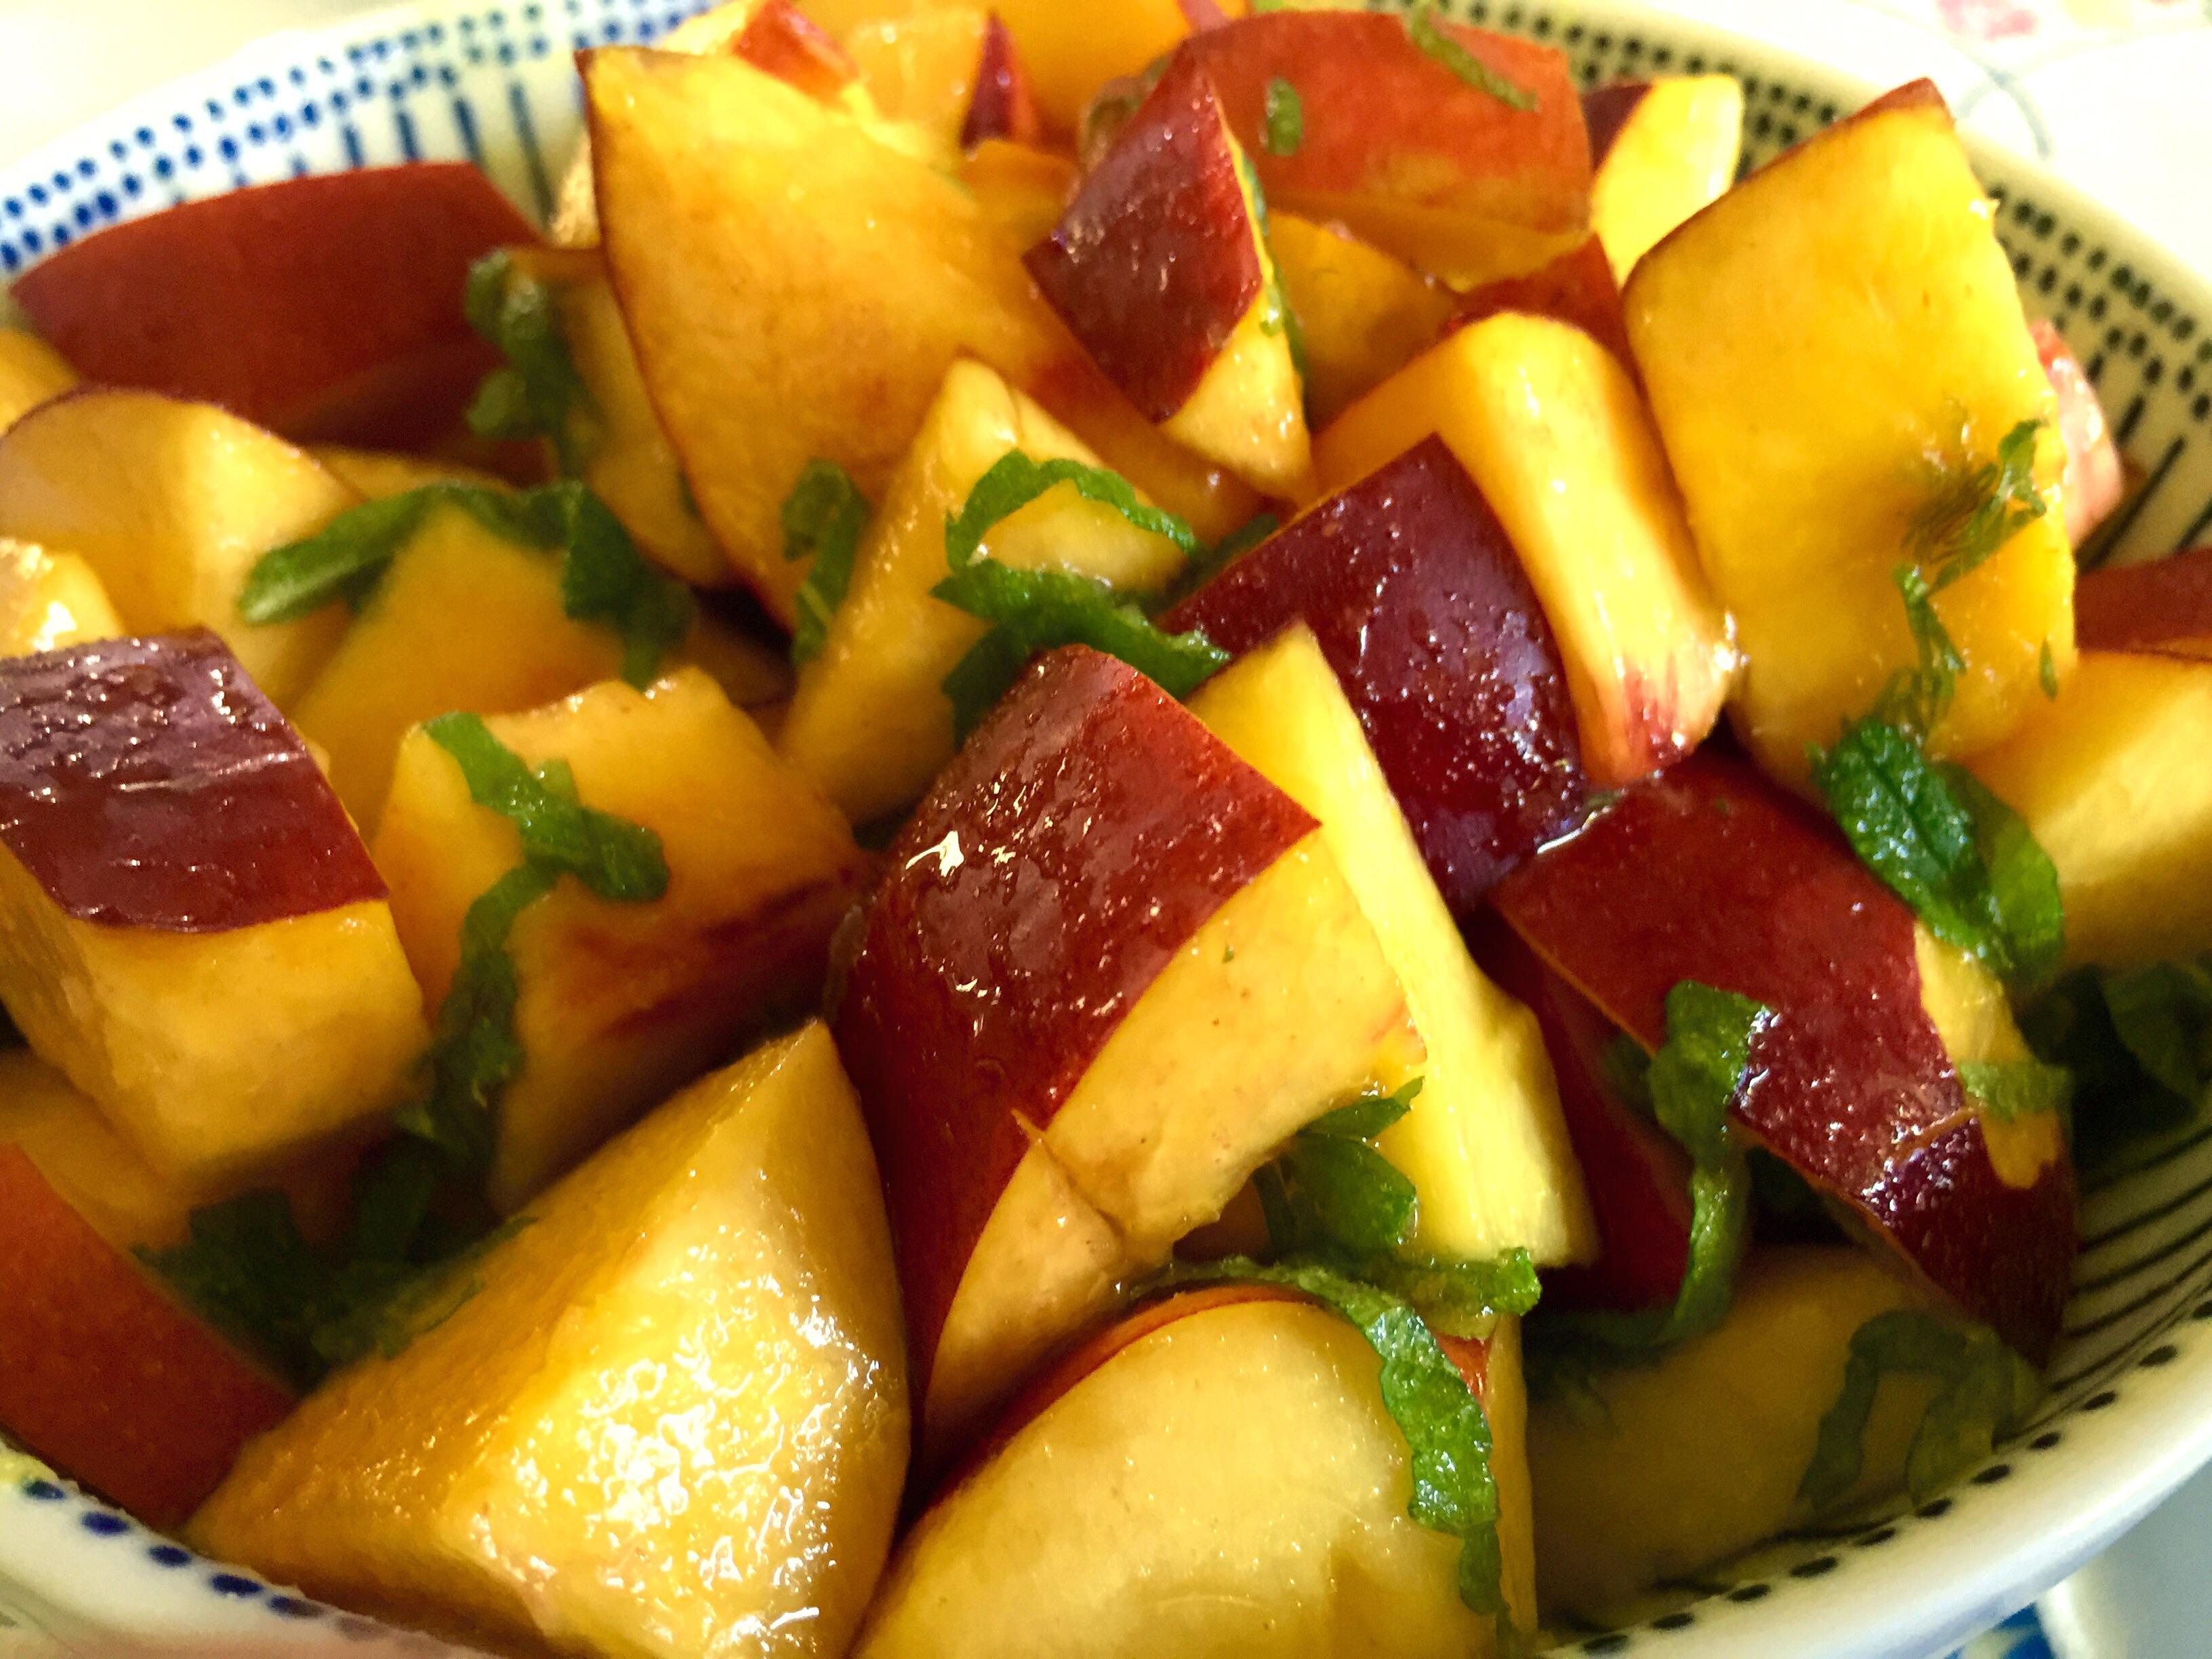 Lemon Nectarine Fruit Salad with Fresh Mint